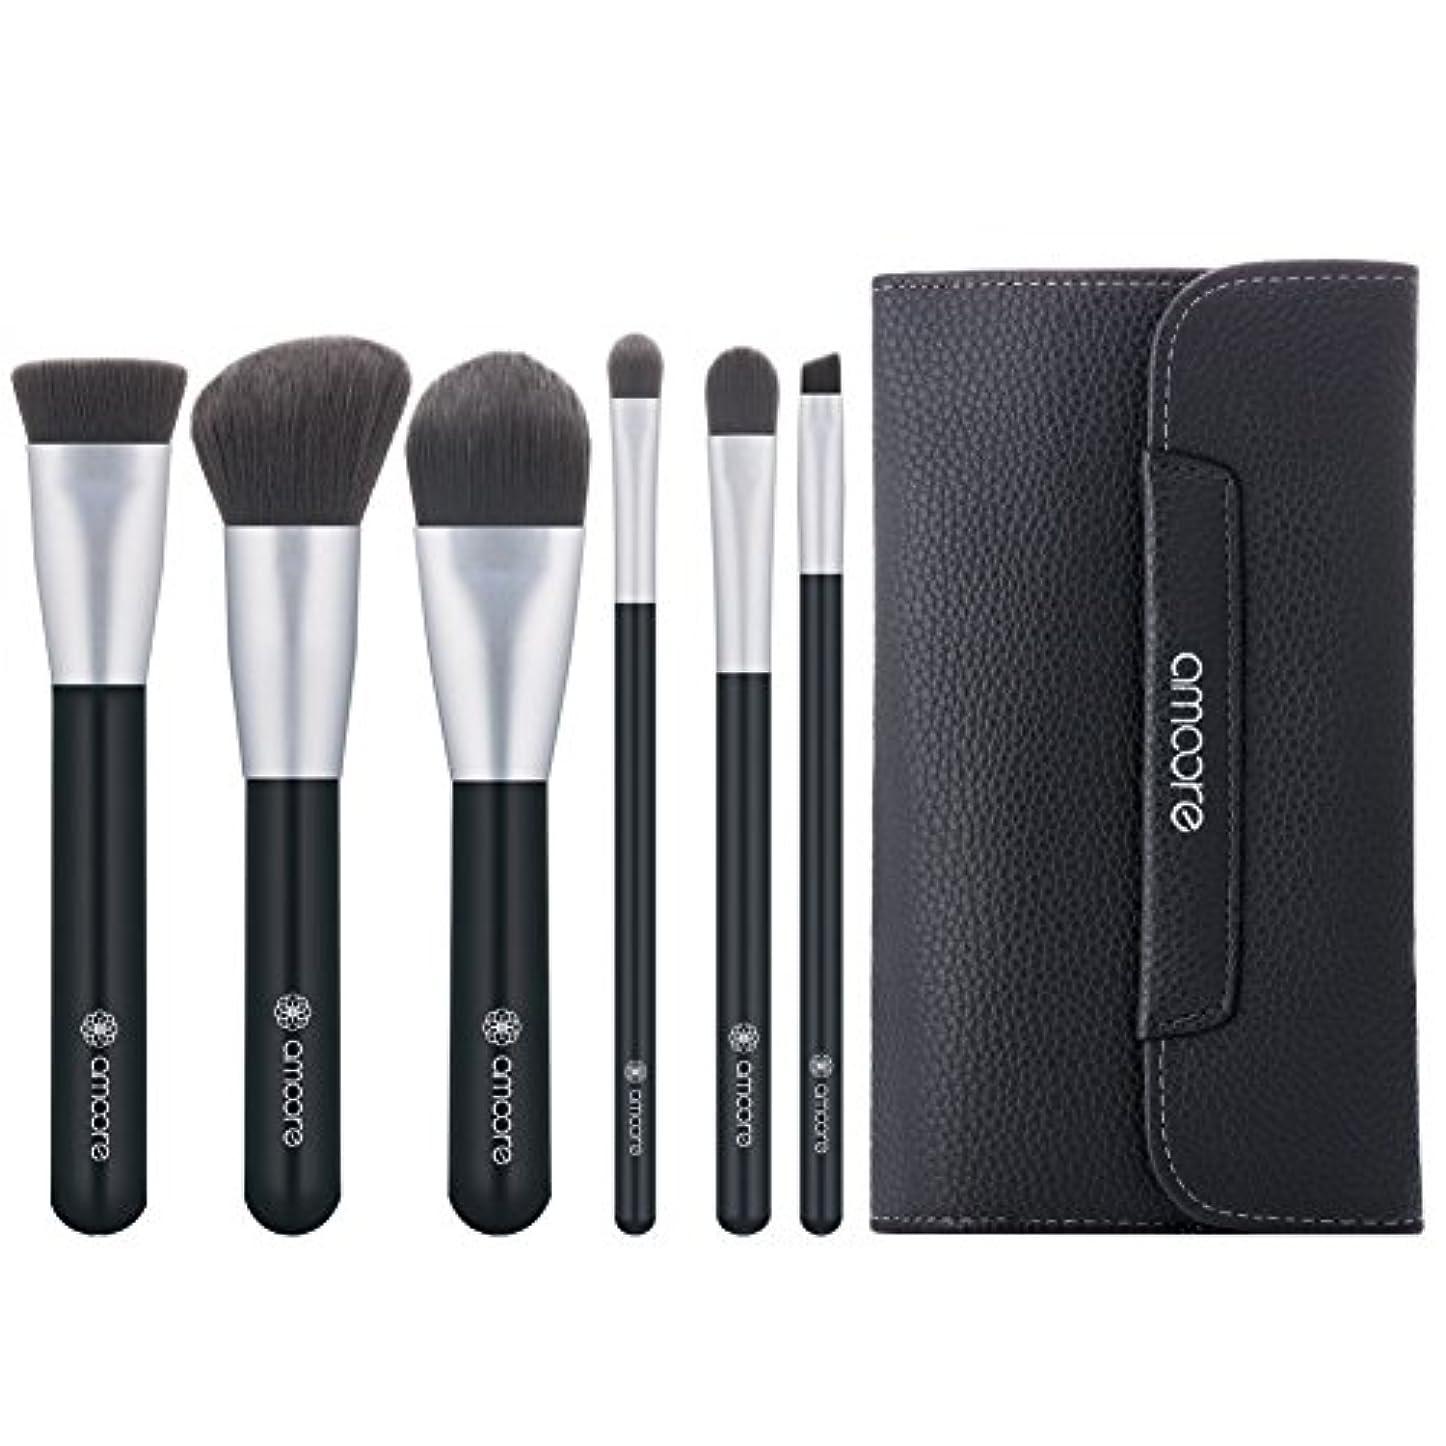 複雑な筋楕円形amoore 6本 化粧筆 メイクブラシ 化粧ブラック セット 粉含み抜群 化粧ポーチ付き (6本, ダークグレー)